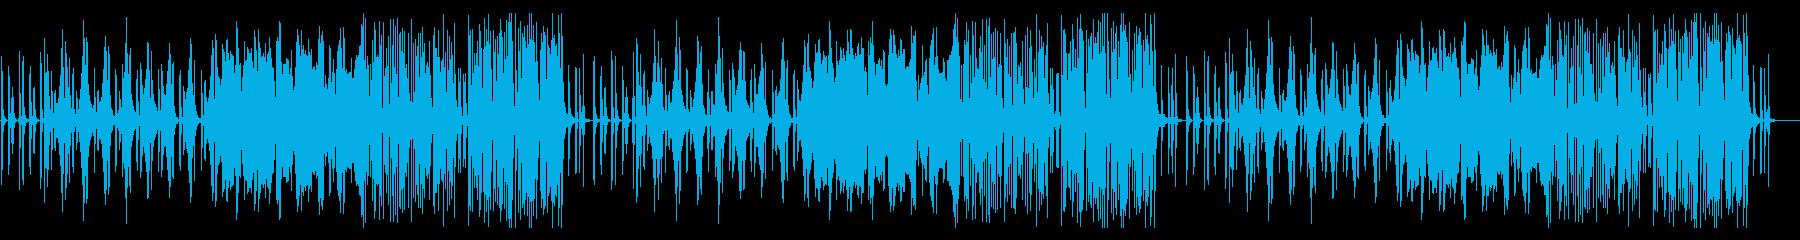 木管楽器が特徴的な少し不気味なインストの再生済みの波形